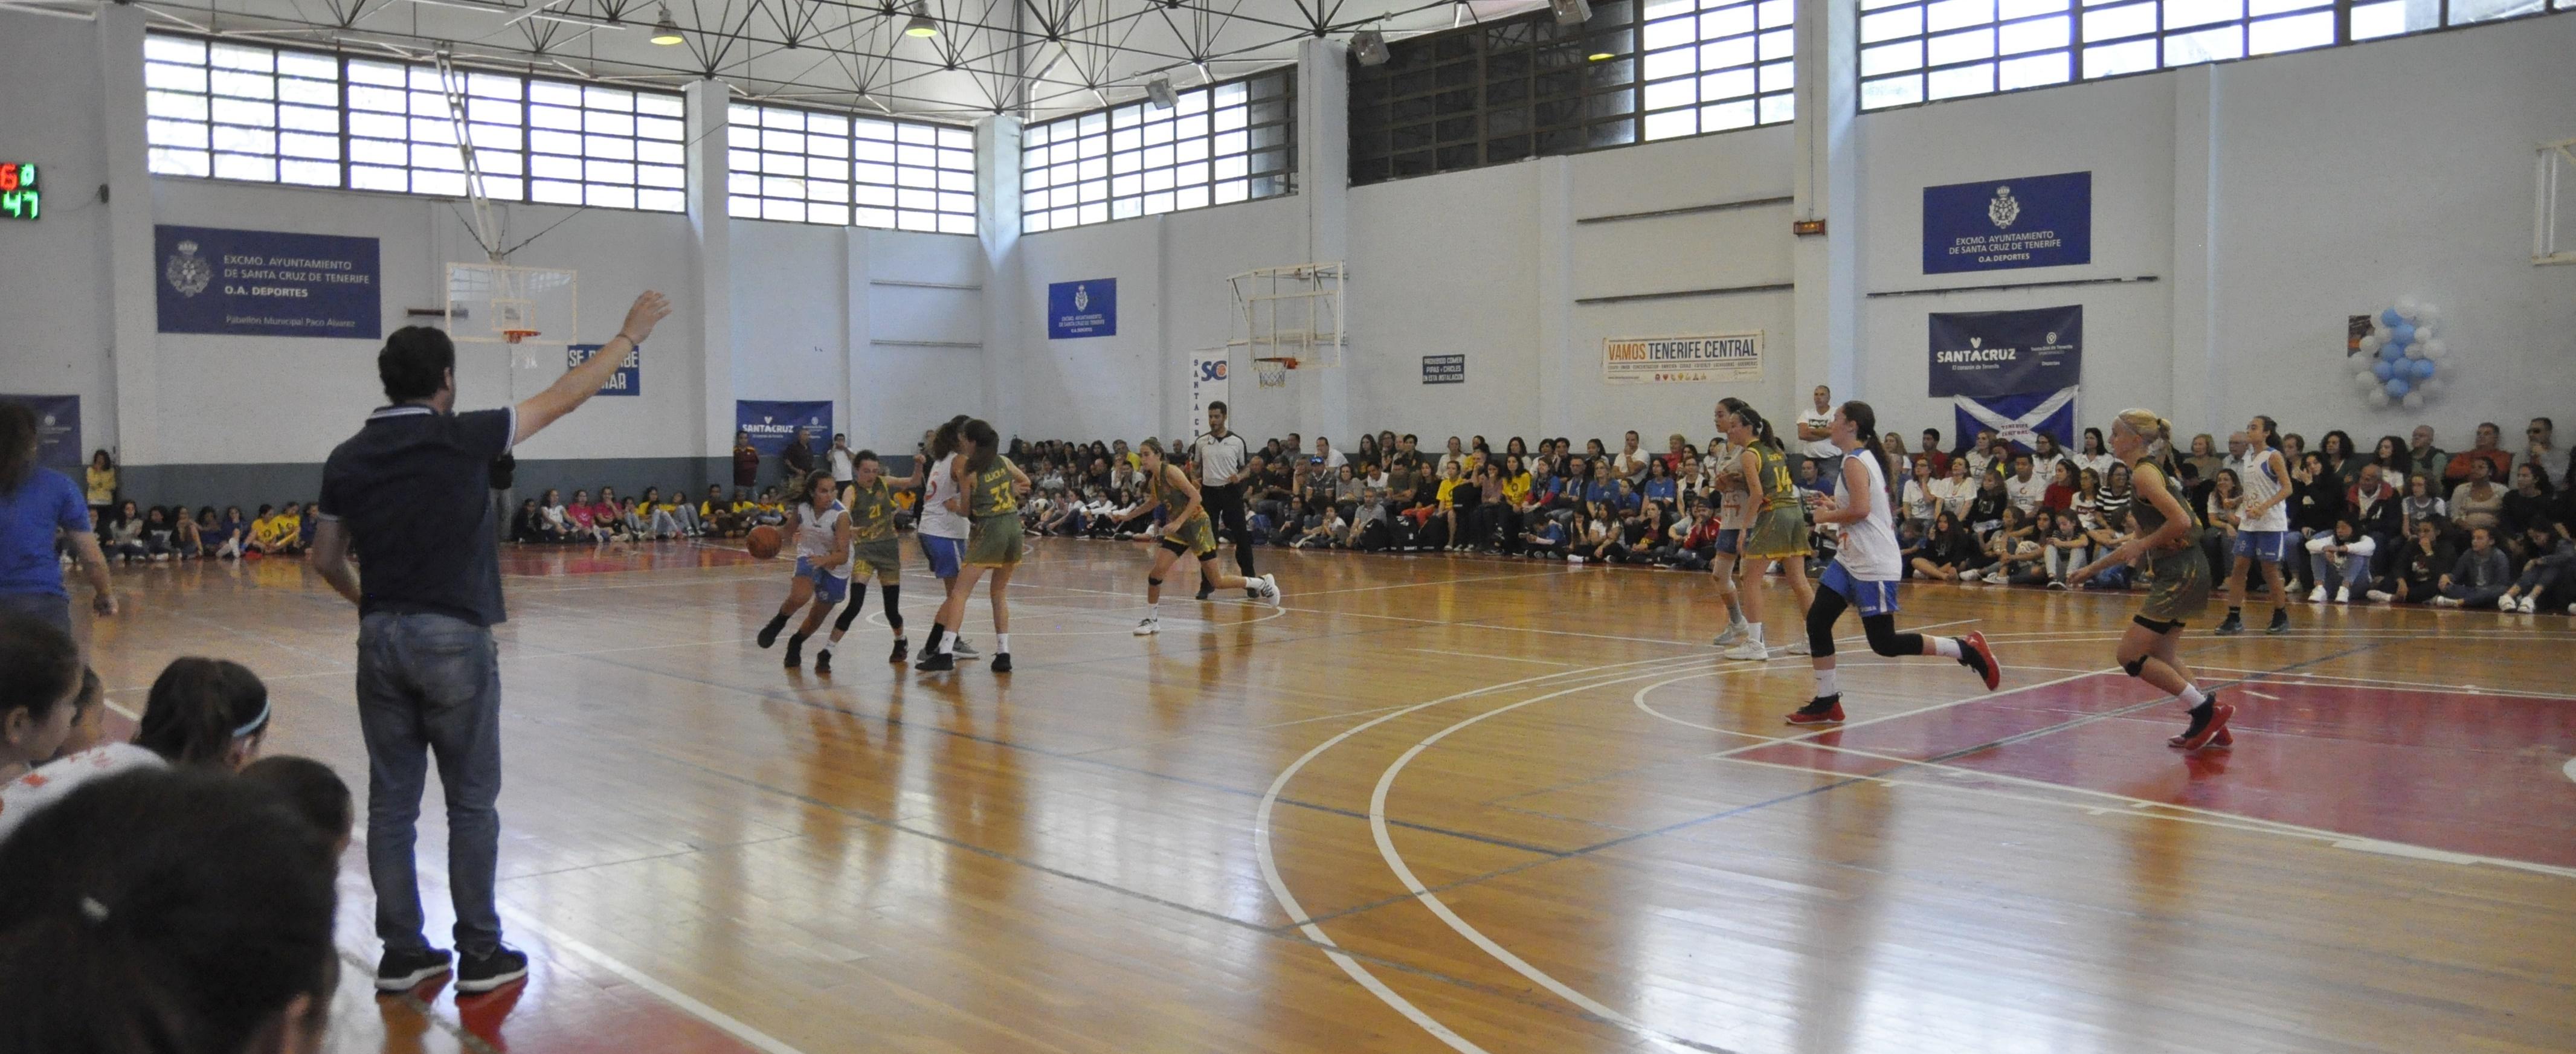 El Pabellón Paco Álvarez vive una gran fiesta del baloncesto femenino de formación con lleno absoluto